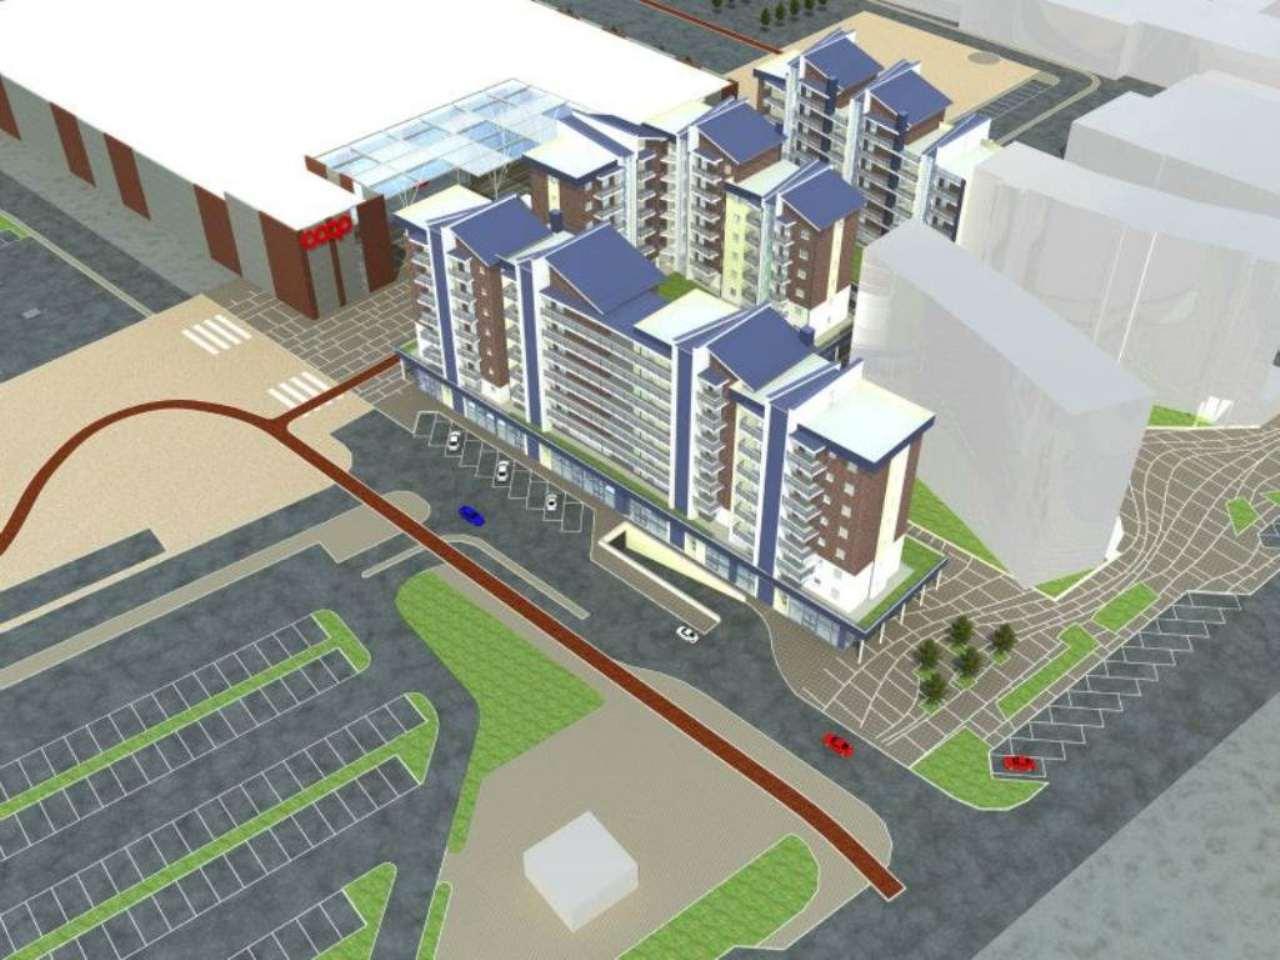 Immagine immobiliare Locale commerciale Lotto 11Locale commerciale open space di nuova costruzione a pochi passi dalla fermata Fermi della metropolitana e dall'area dove sorgerà la Coop.L'area commerciale si sviluppa attorno ad un contesto...